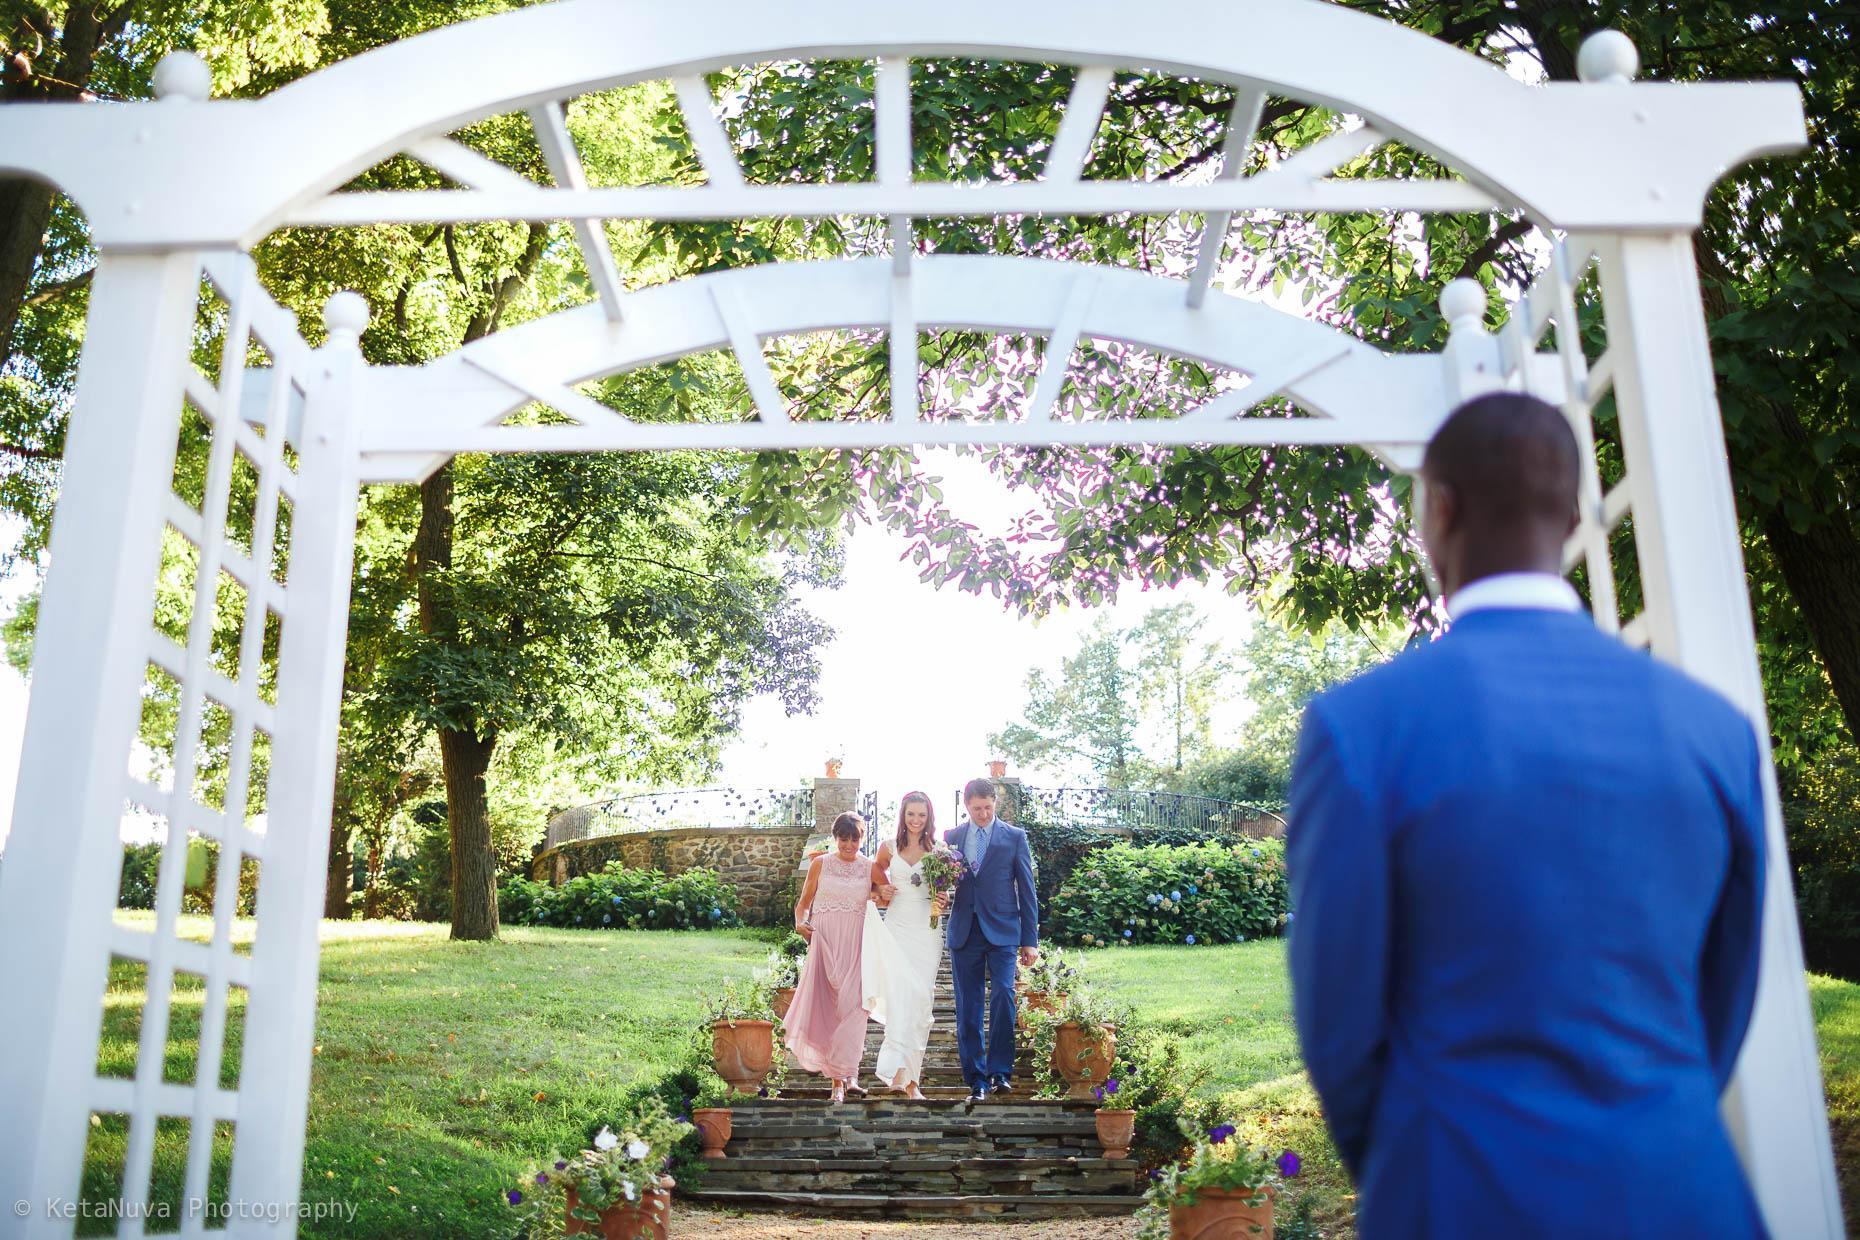 Sunken Garden - Lauxmont Farms Wedding | Aubrey & Barrett Lauxmont Farms Wedding Sunken Garden33